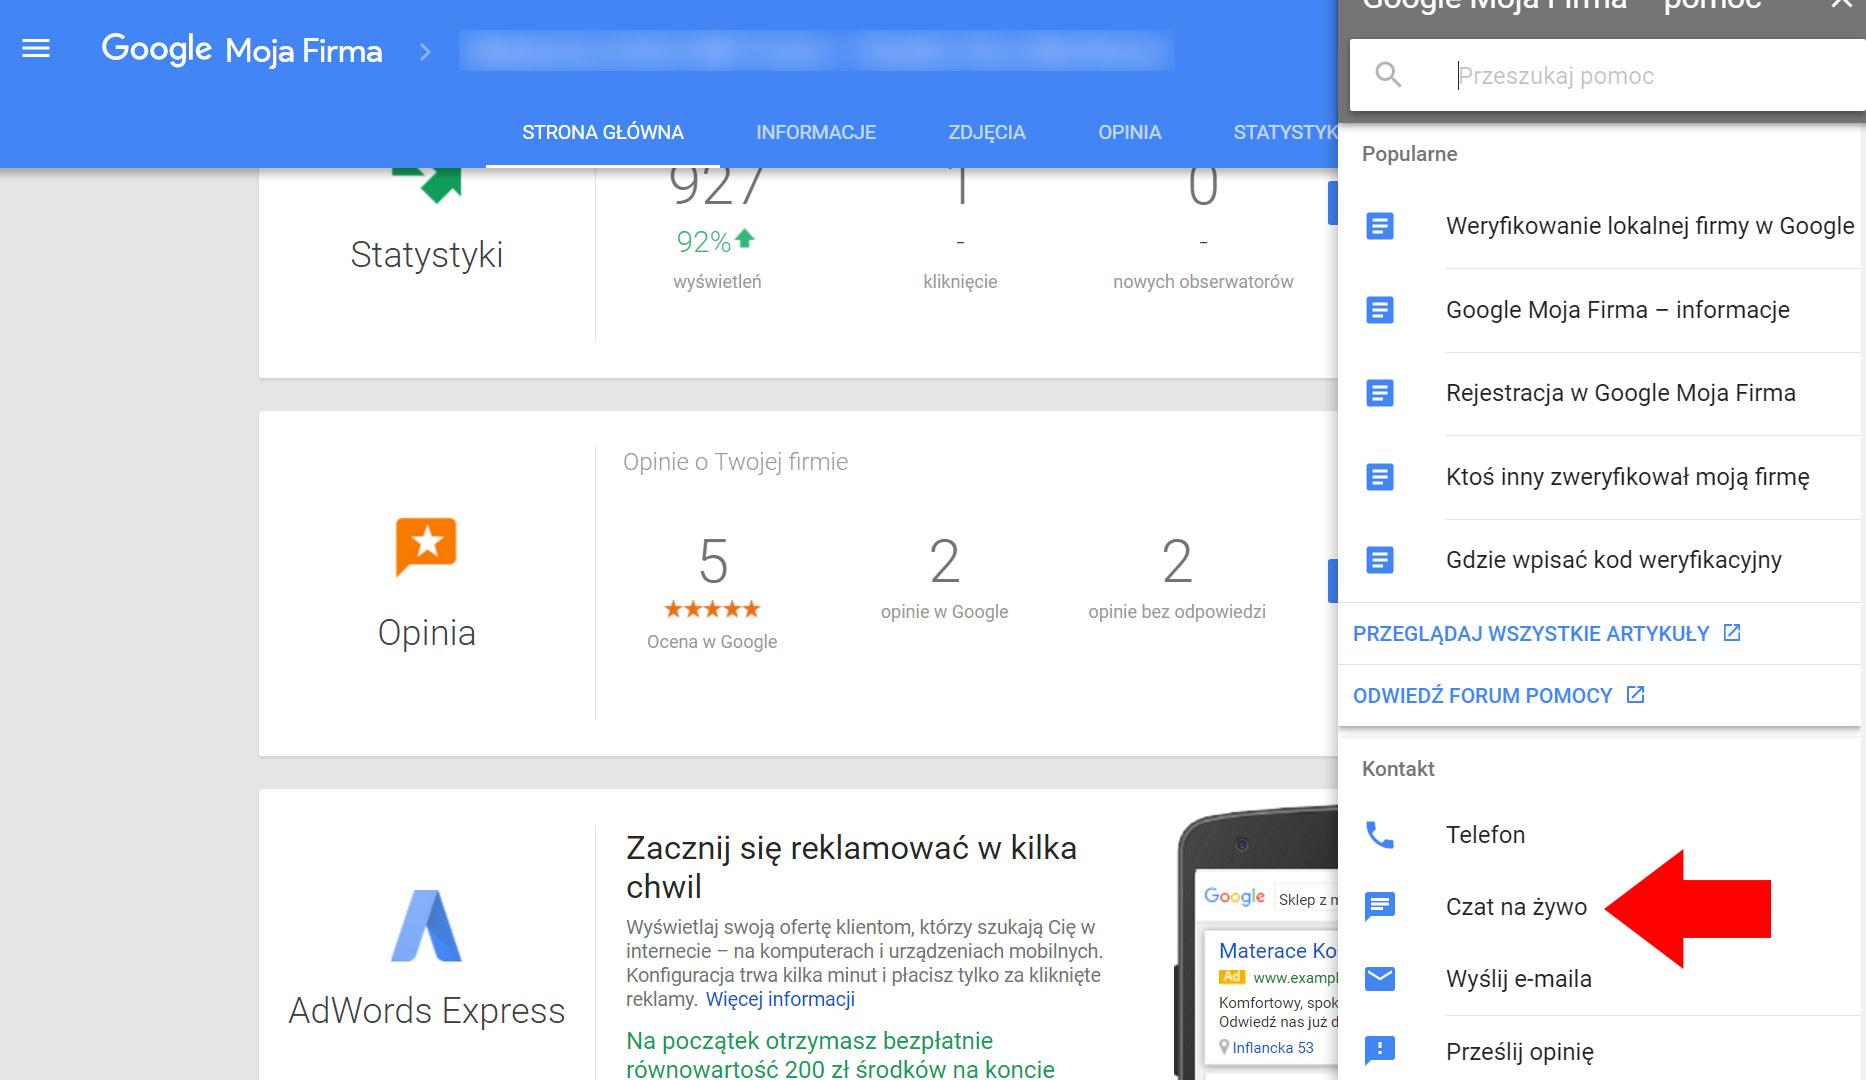 Czat na żywo - Google Moja Firma